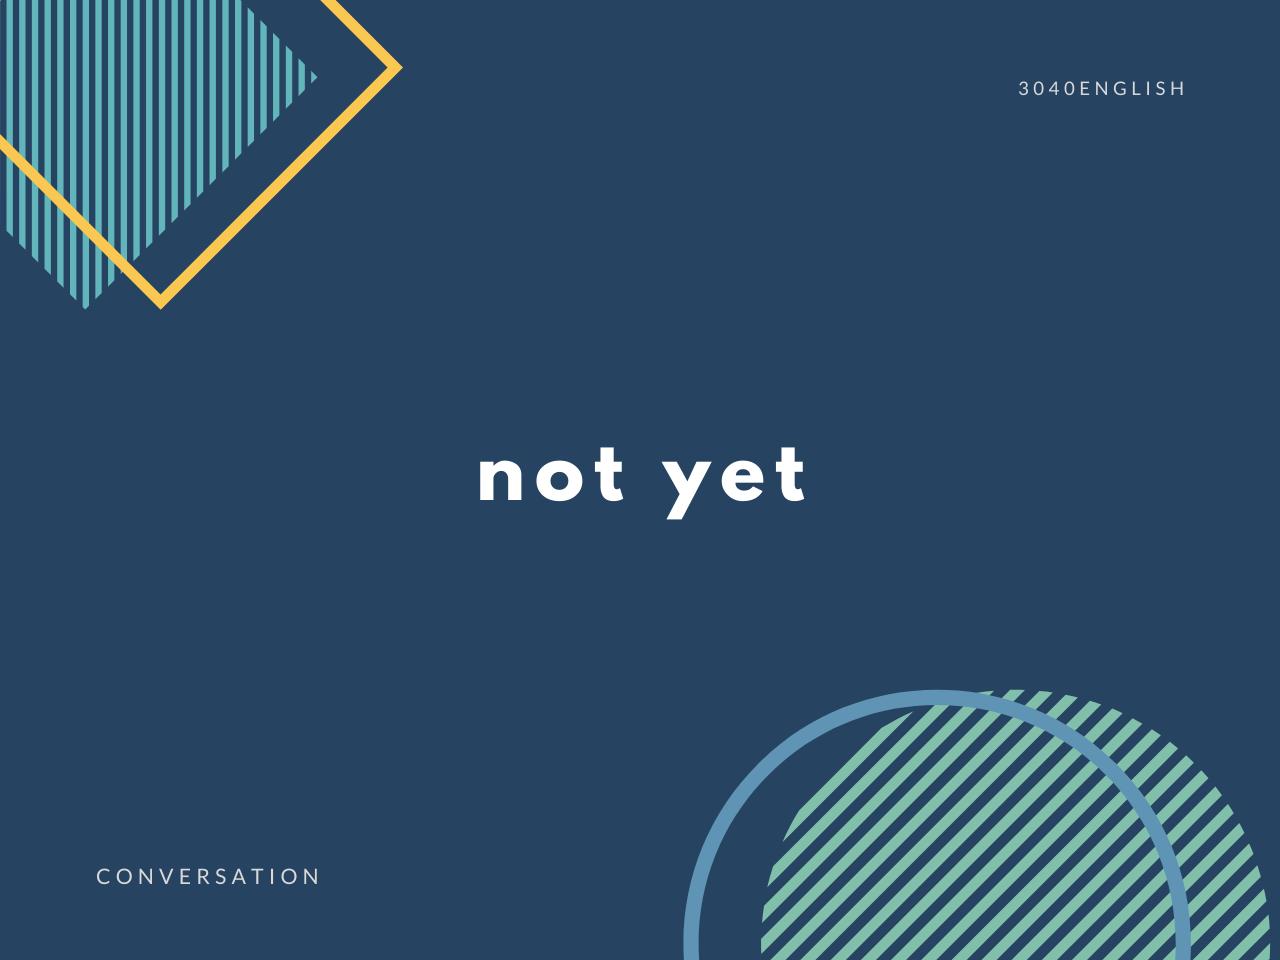 「まだ~していない」の英会話・英語表現【例文あり】